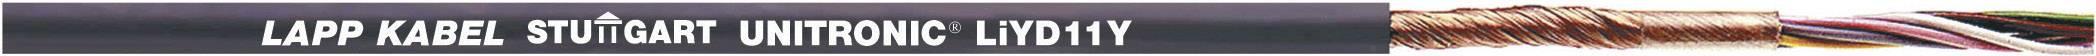 Dátový kábel LappKabel 0033206 UNITRONIC® LiYD11Y, 6 x 0.14 mm², čierna, metrový tovar